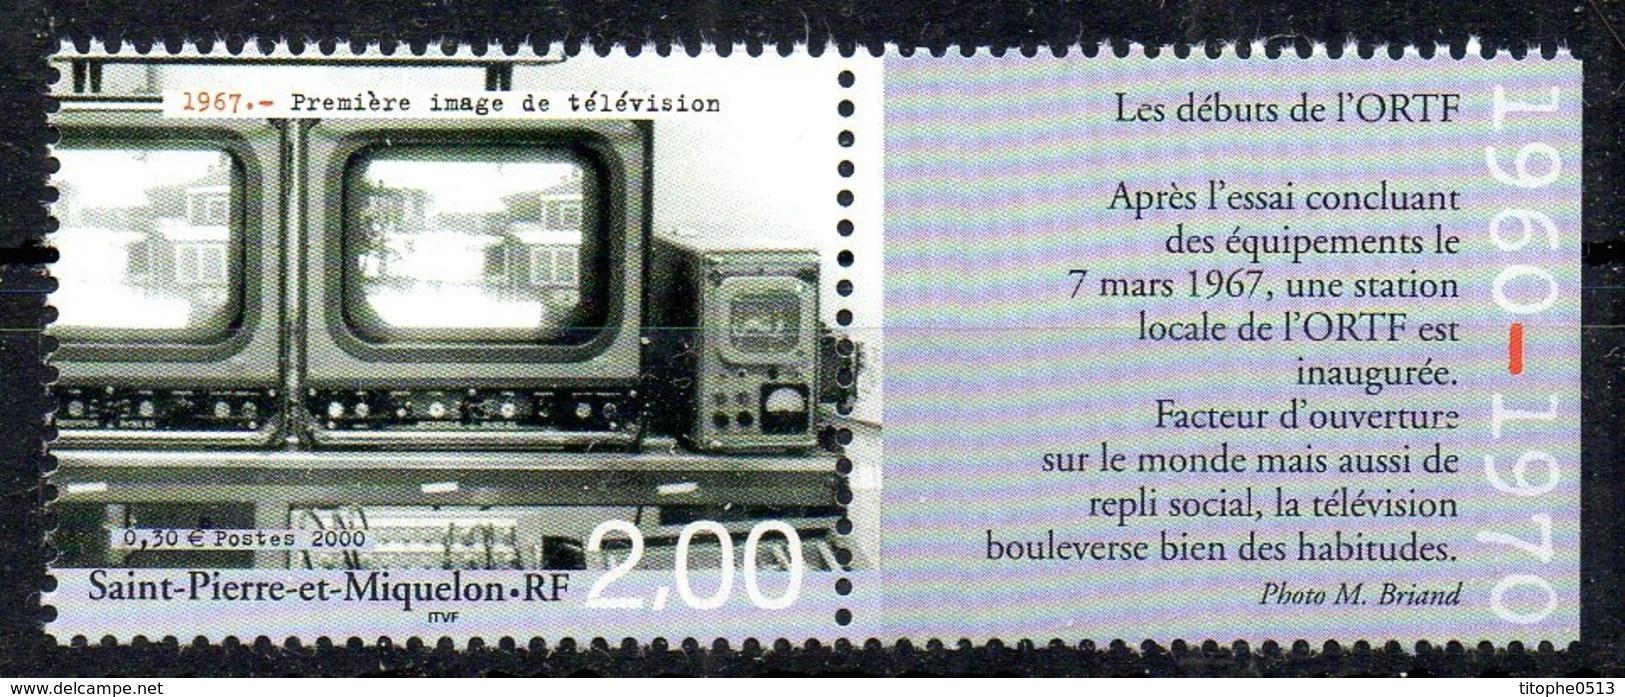 SAINT-PIERRE-ET-MIQUELON. N°730 De 2000. Télévision. - Telecom